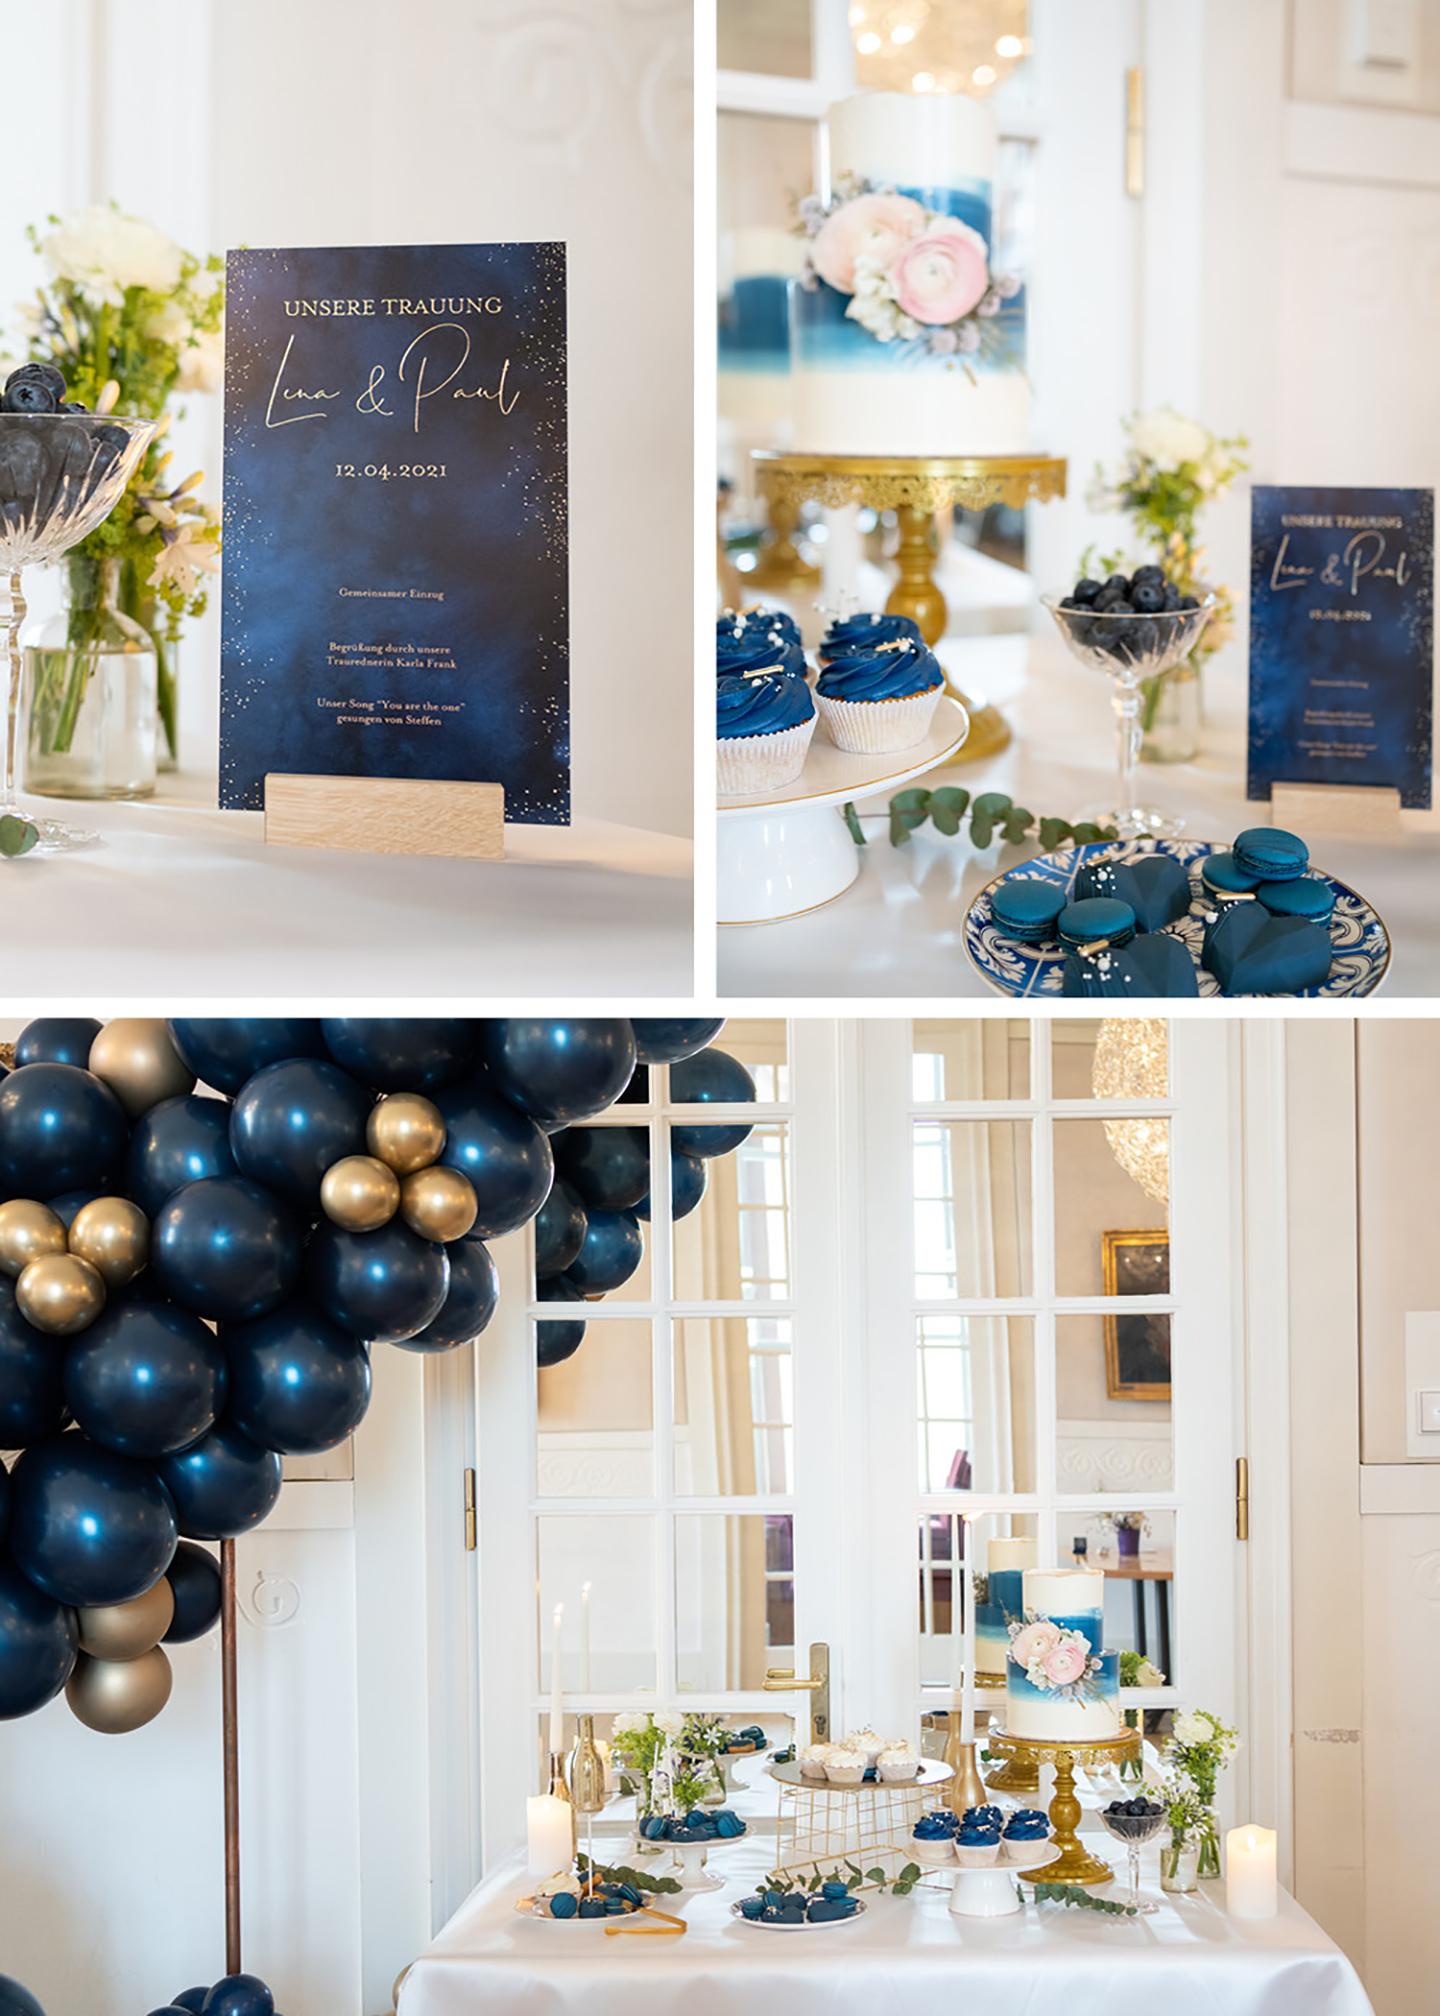 Die Hochzeitsdekoration in Dunkelblau und Gold zieht sich durch die gesamte Location. Auf dem Hochzeitstisch sticht die dunkelblaue Hochzeitspapeterie hervor sowie weitere Elemente in Dunkelblau und Gold.